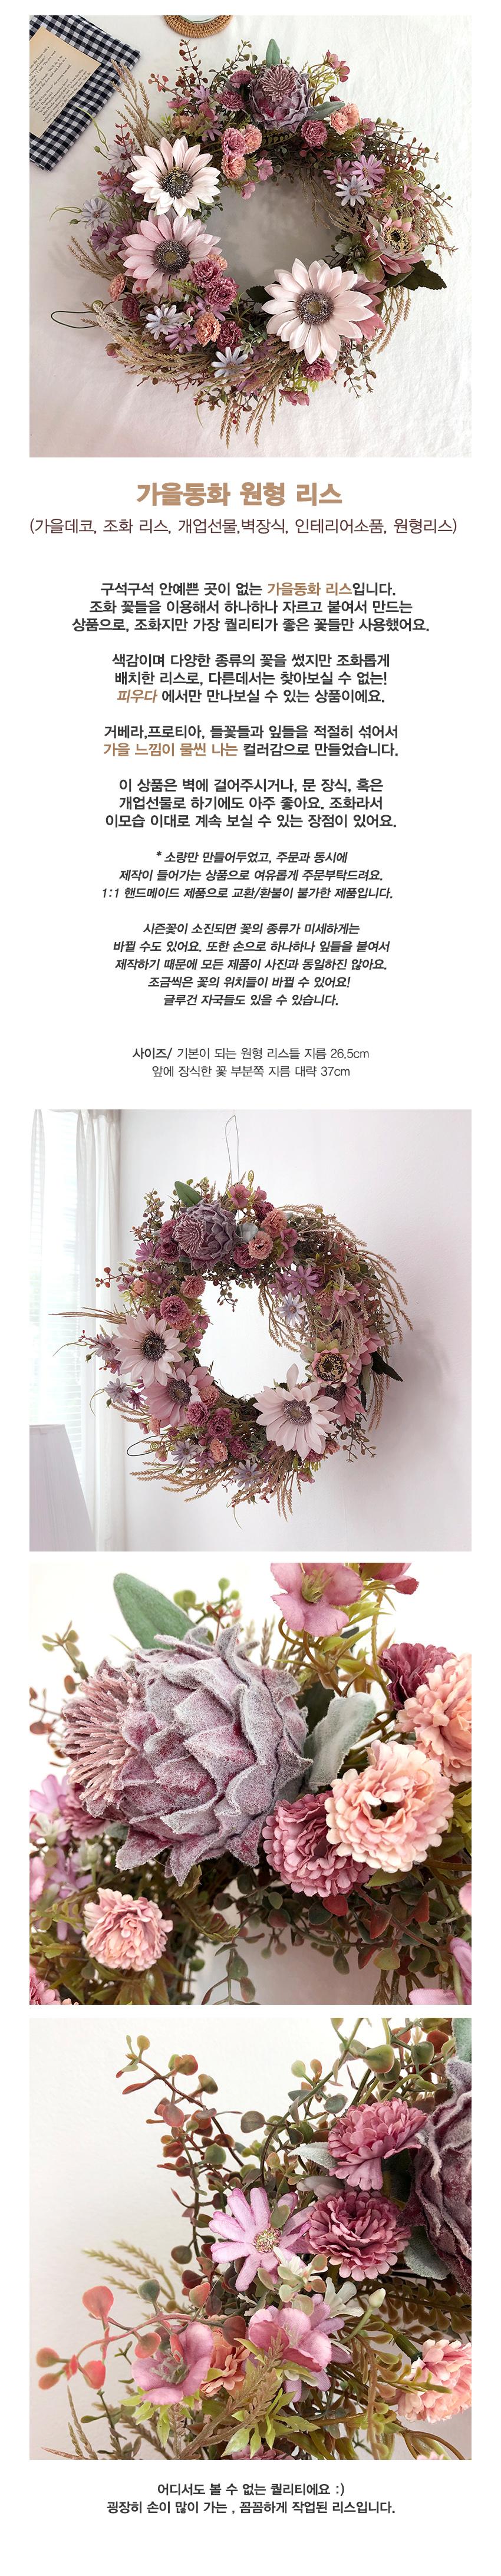 가을동화 원형 조화 리스 - 피우다, 115,000원, 조화, 꽃다발/꽃바구니